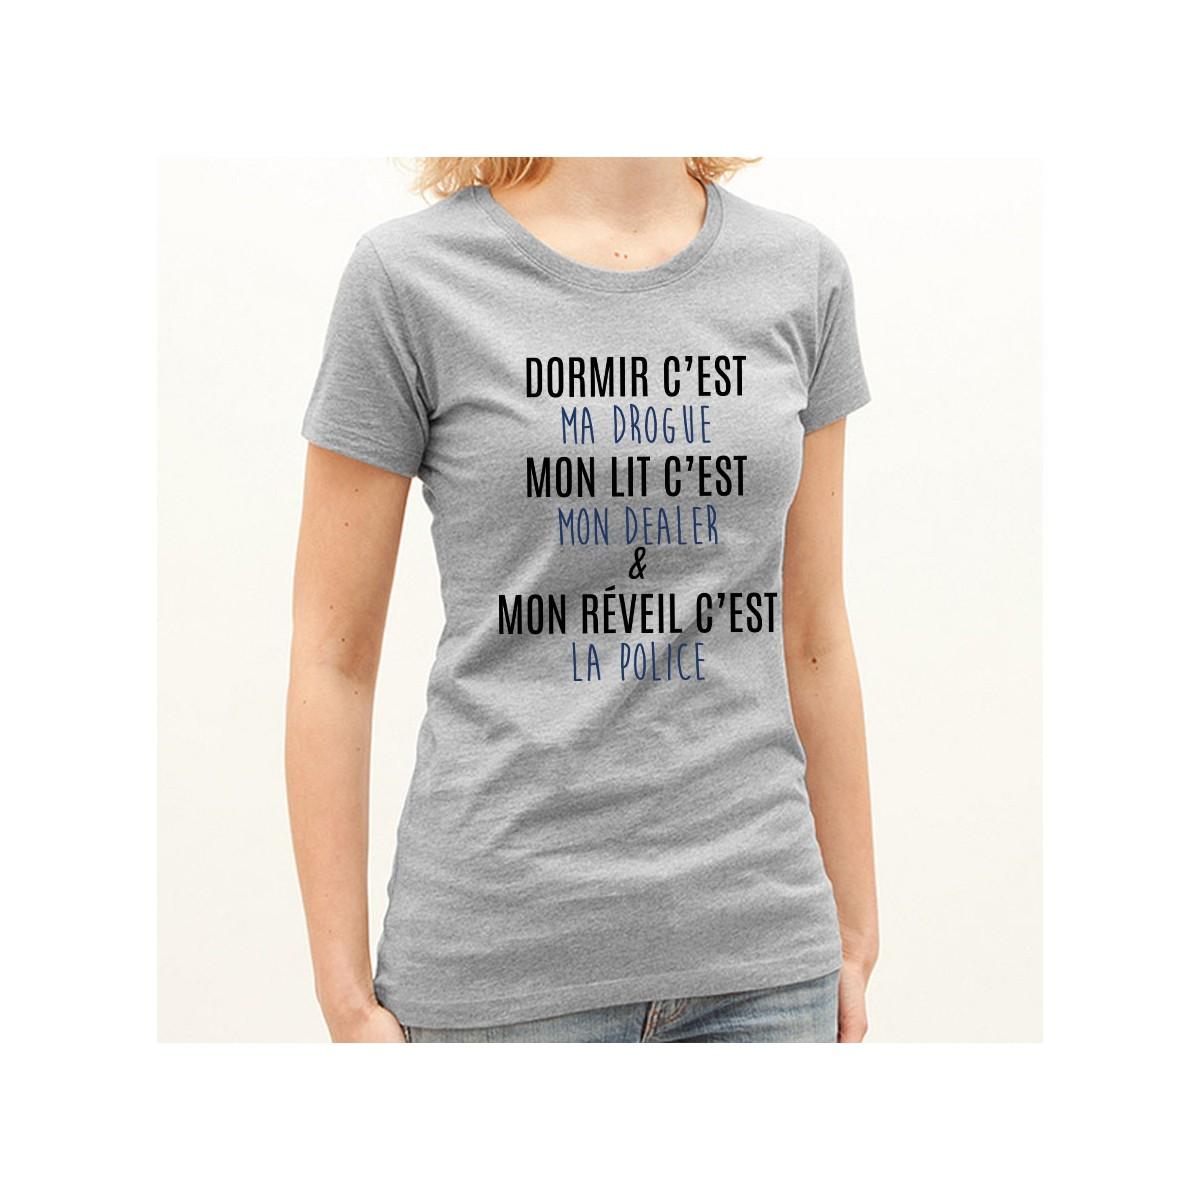 T-shirt Dormir c'est ma drogue